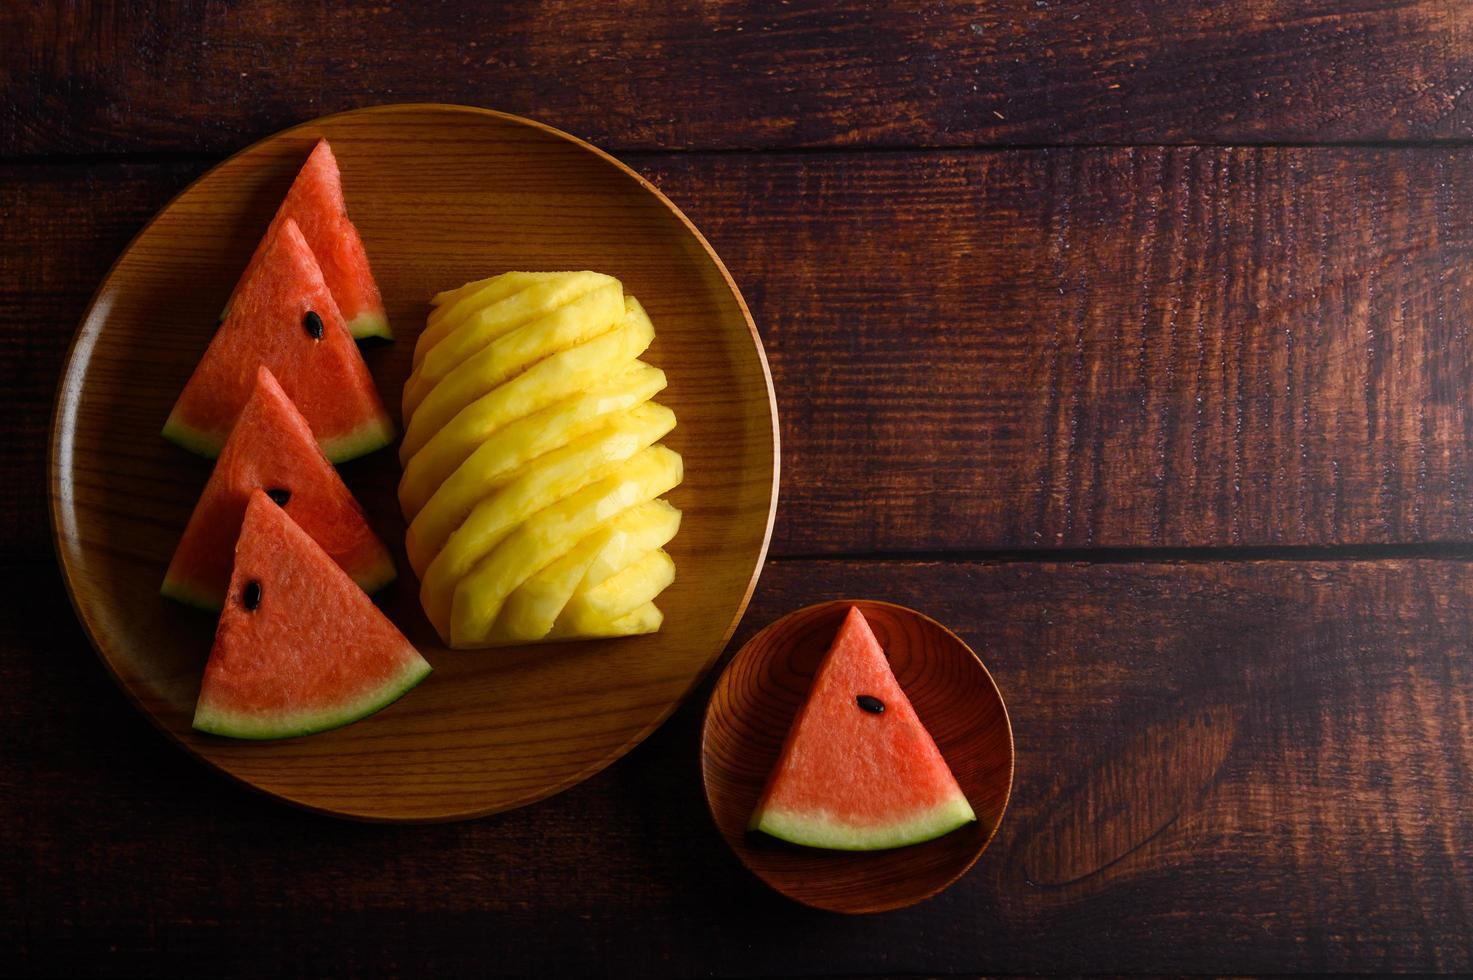 Tranches de pastèque et d'ananas sur une table en bois sombre photo